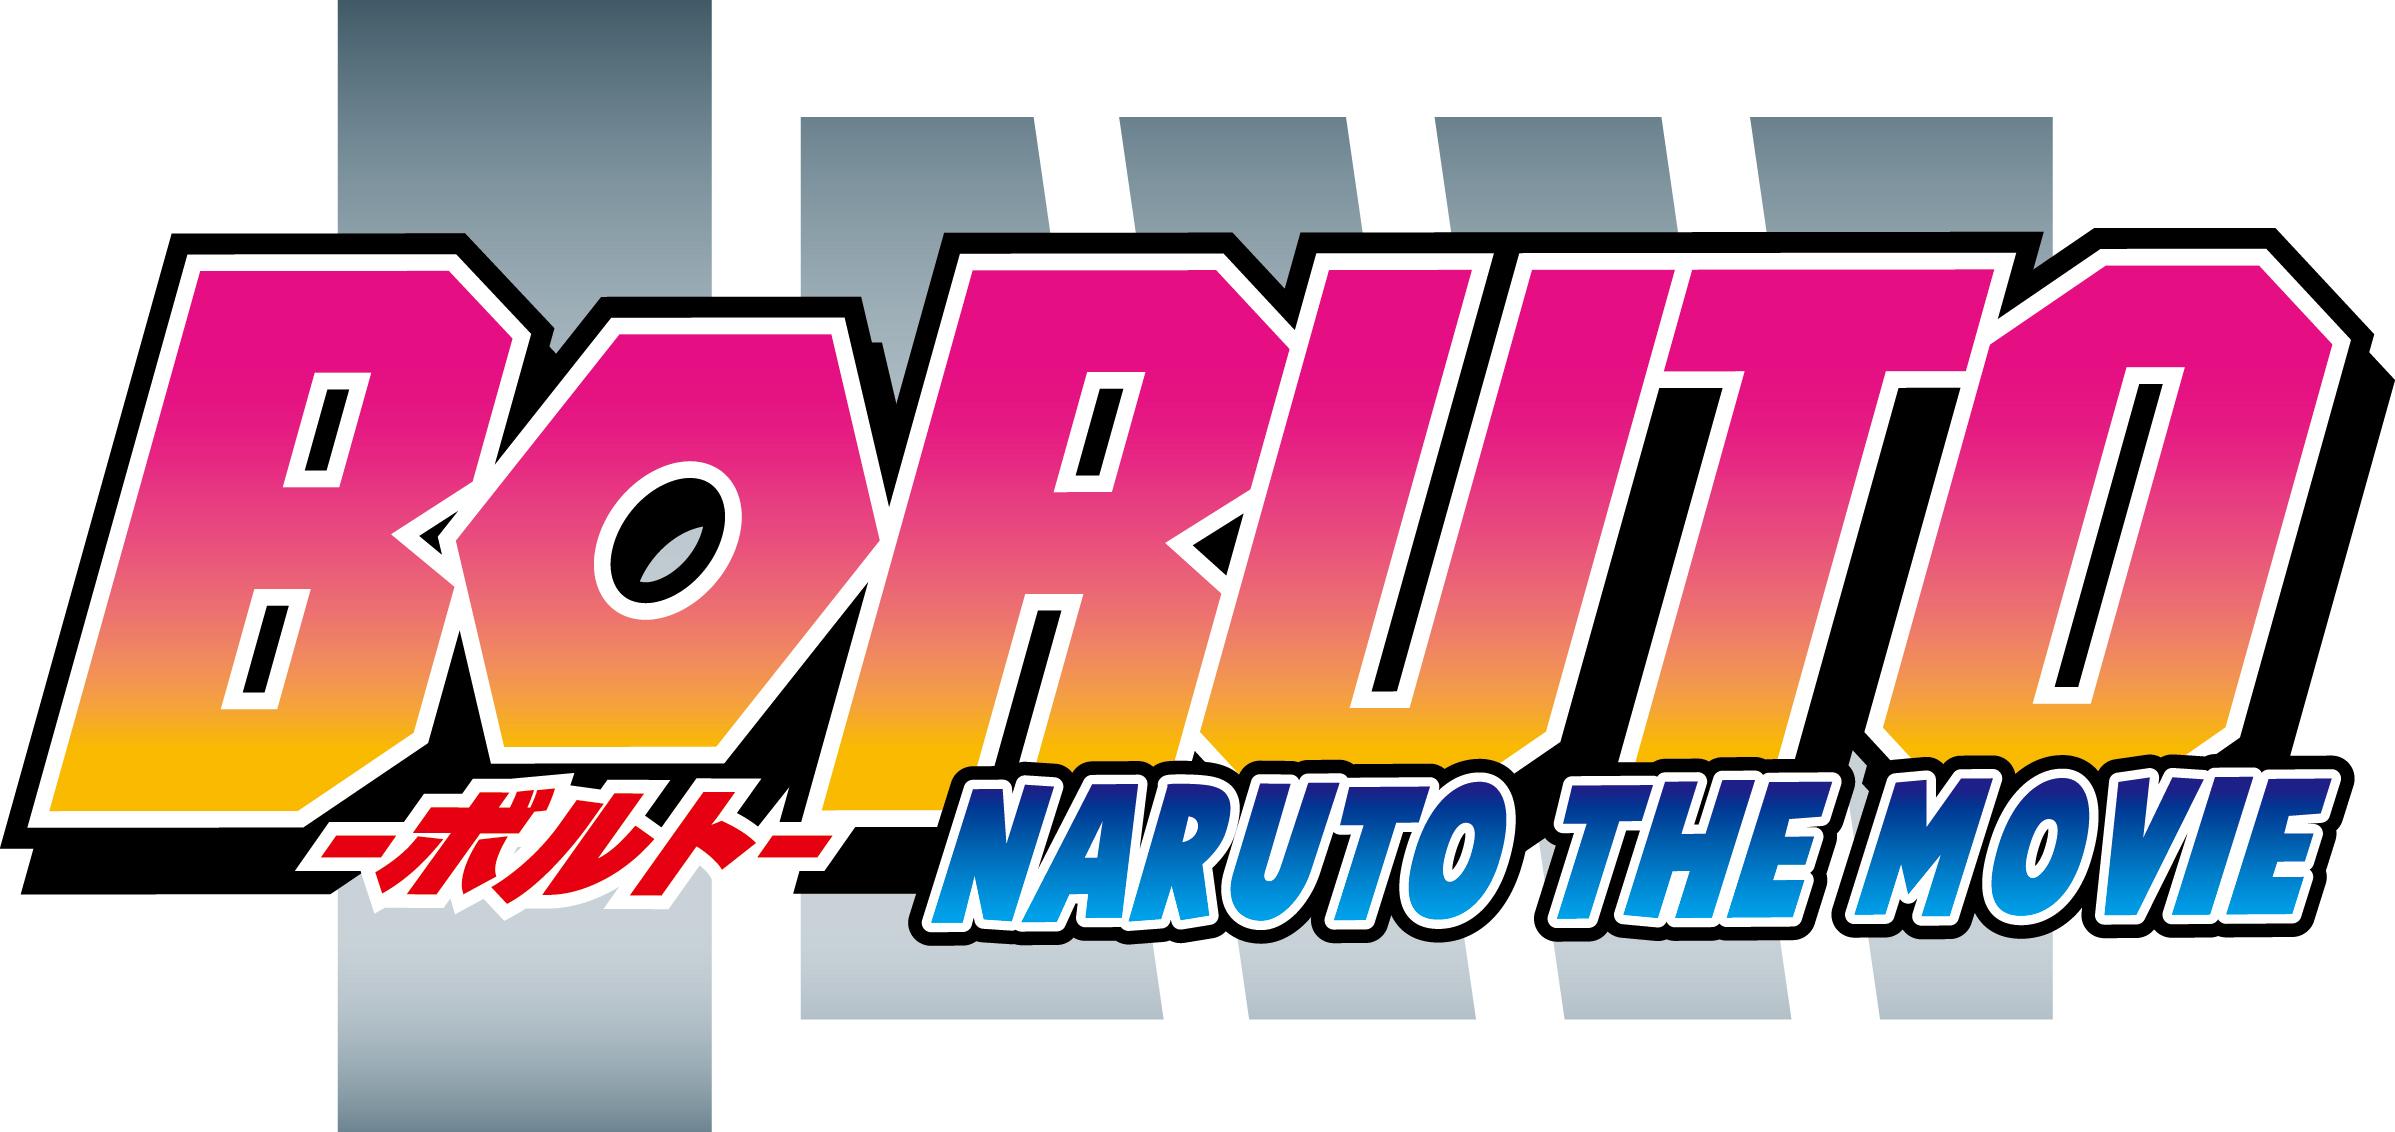 【映画】8月7日全国ロードショー 伝説を越えろ。新時代を翔けろ。『BORUTO -NARUTO TH